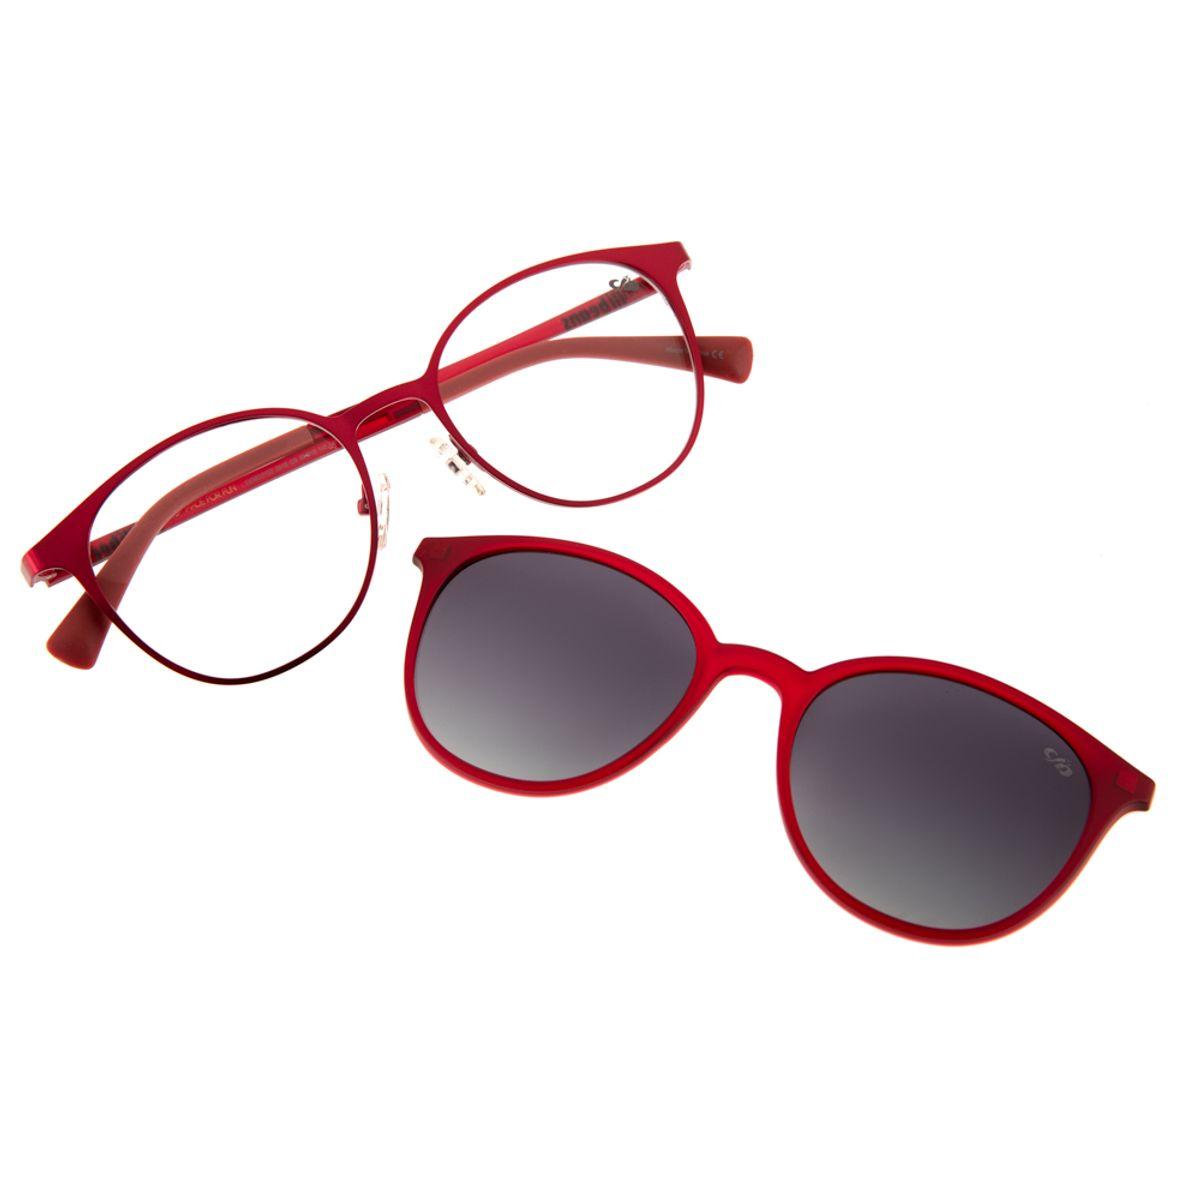 0c89ac89297b9 Armação para Óculos de Grau Chilli Beans Feminino Multi 2 em 1 ...